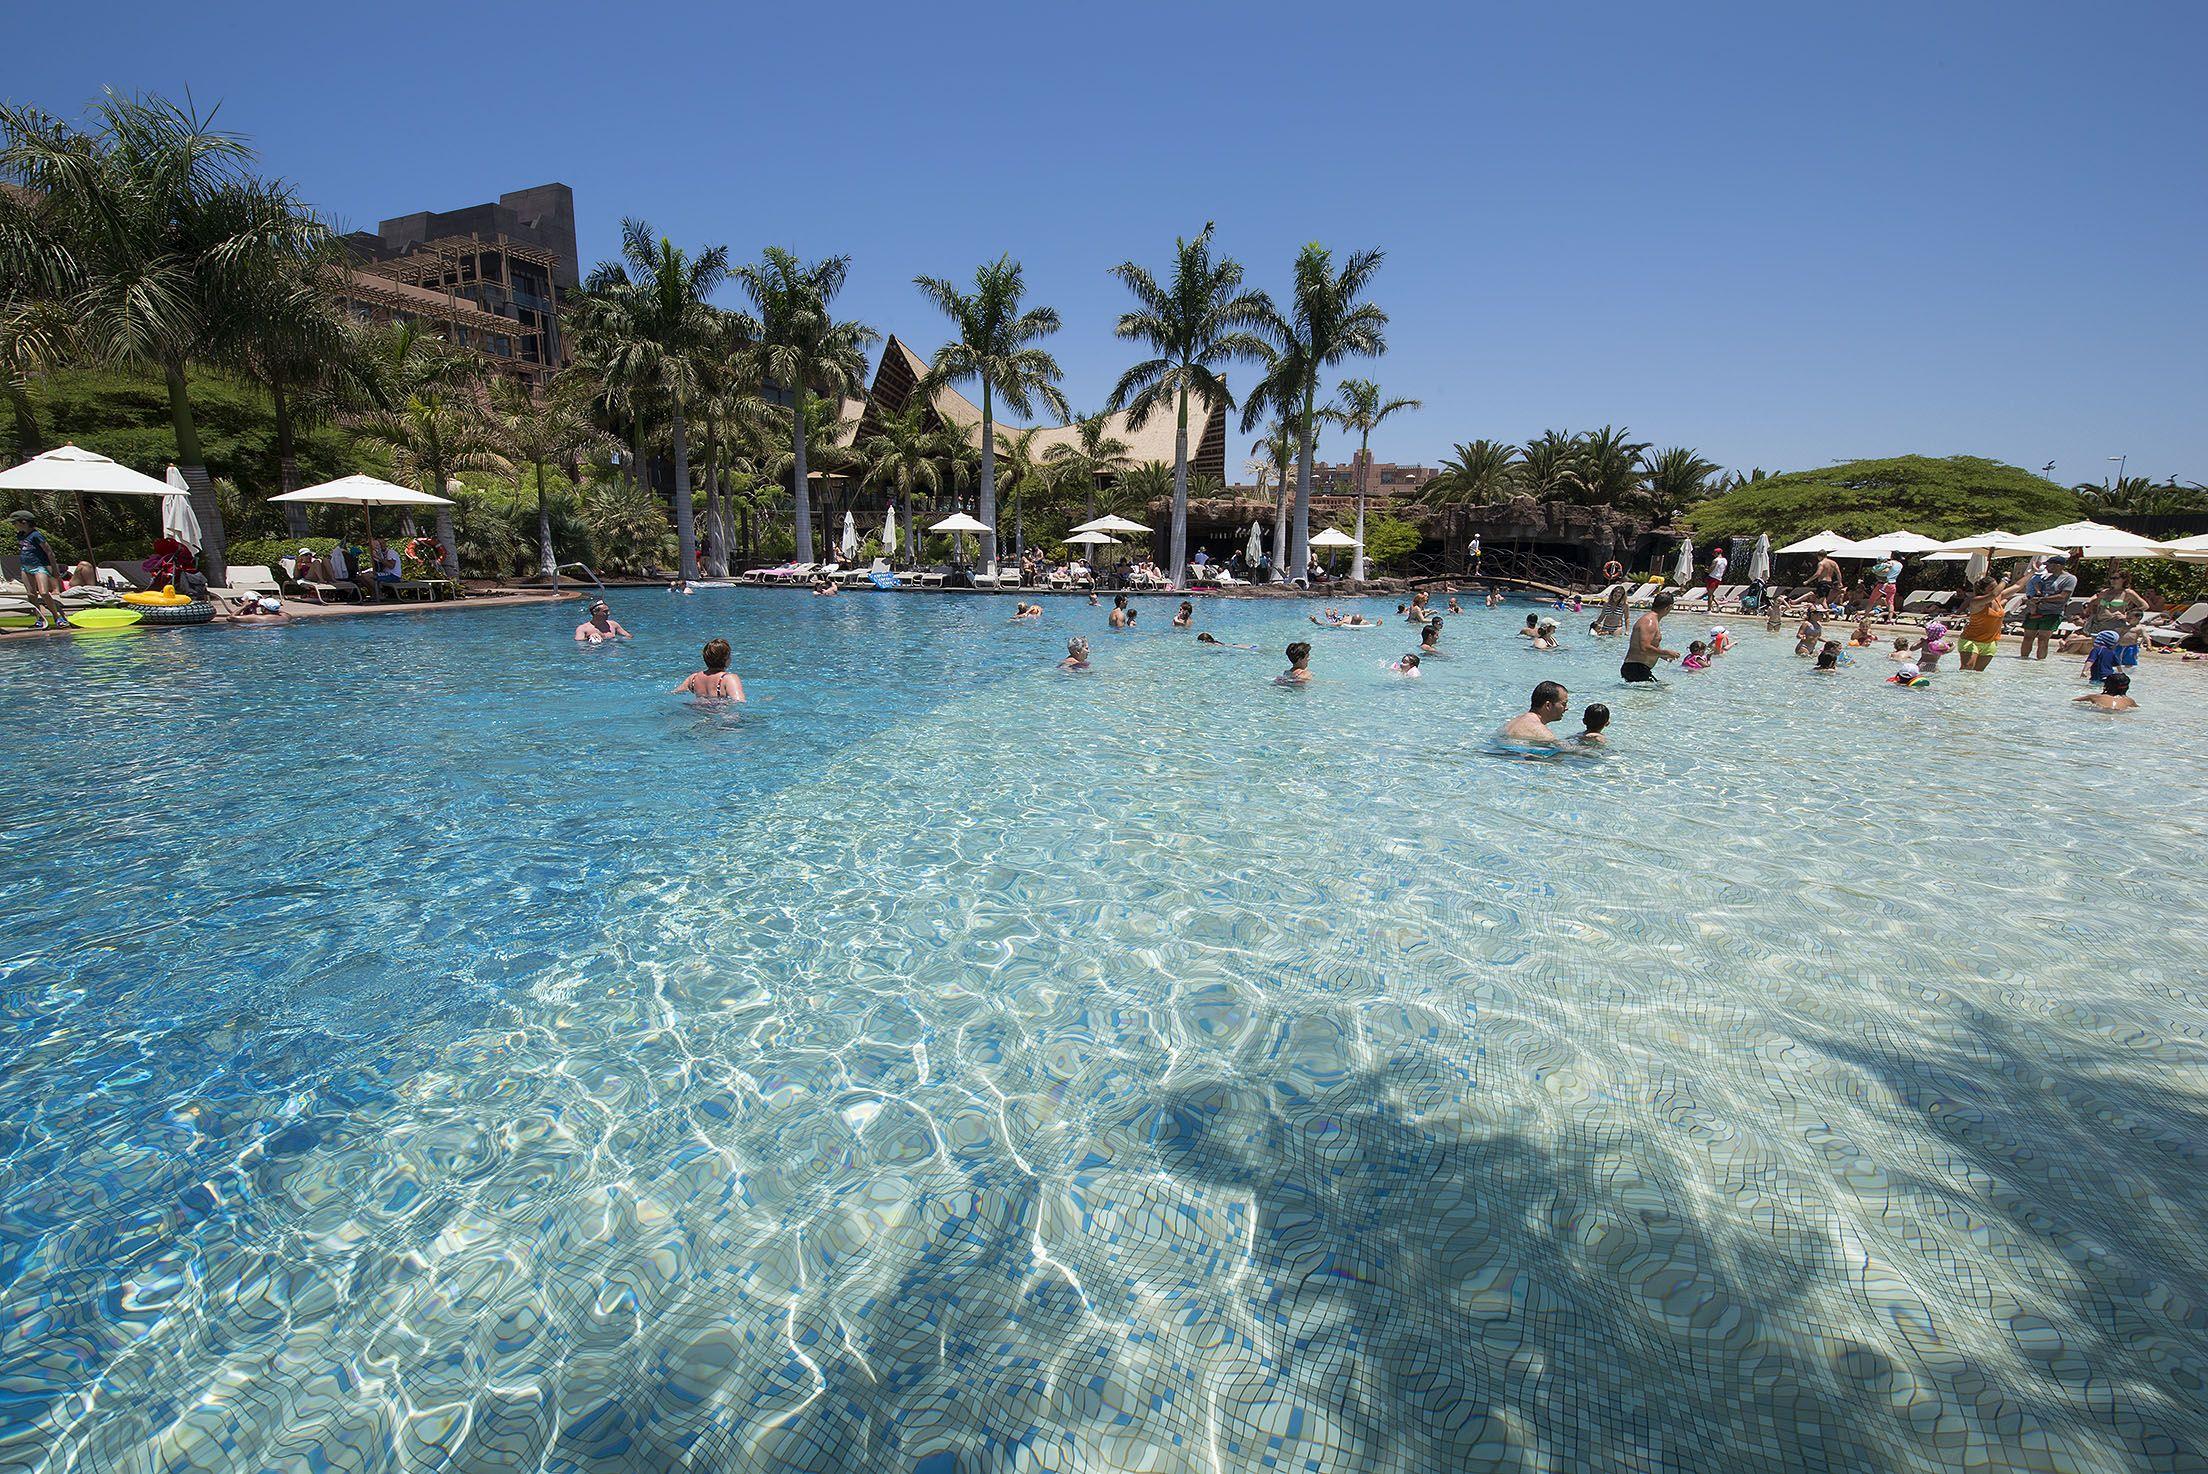 #LopesanBaobabResort #Meloneras #GranCanaria #BeachPool #Pool